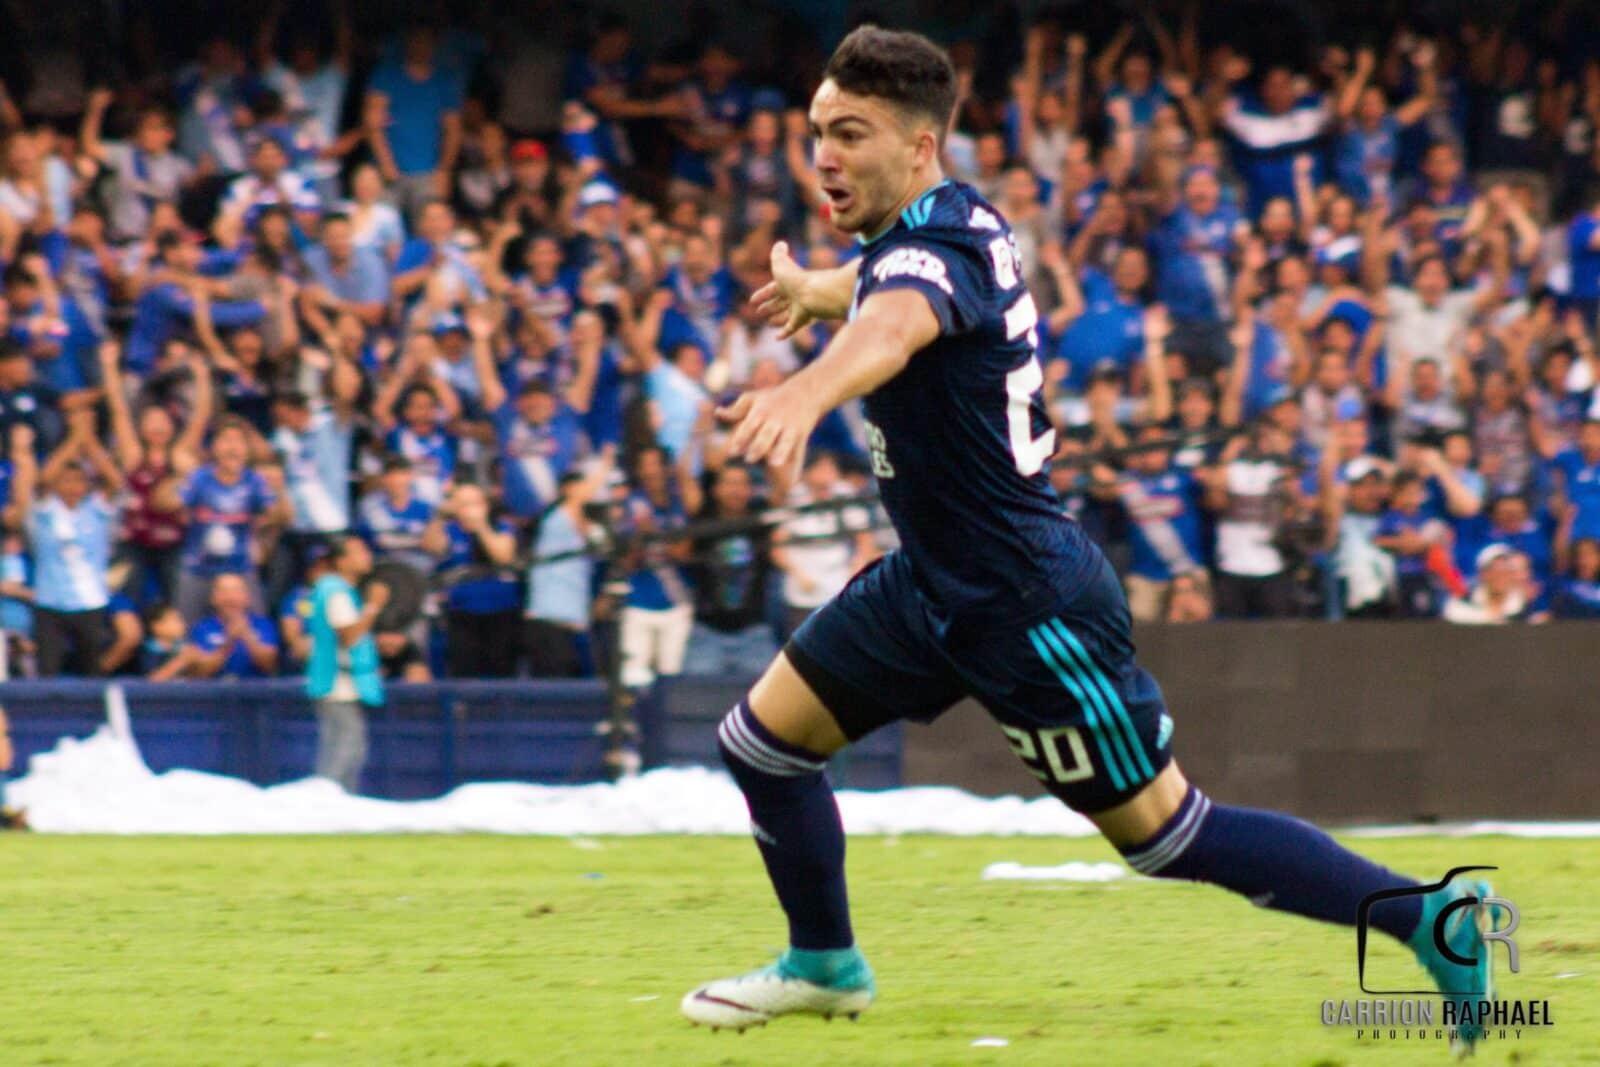 Nicolás Queiroz apasionado por los caballos y el fútbol